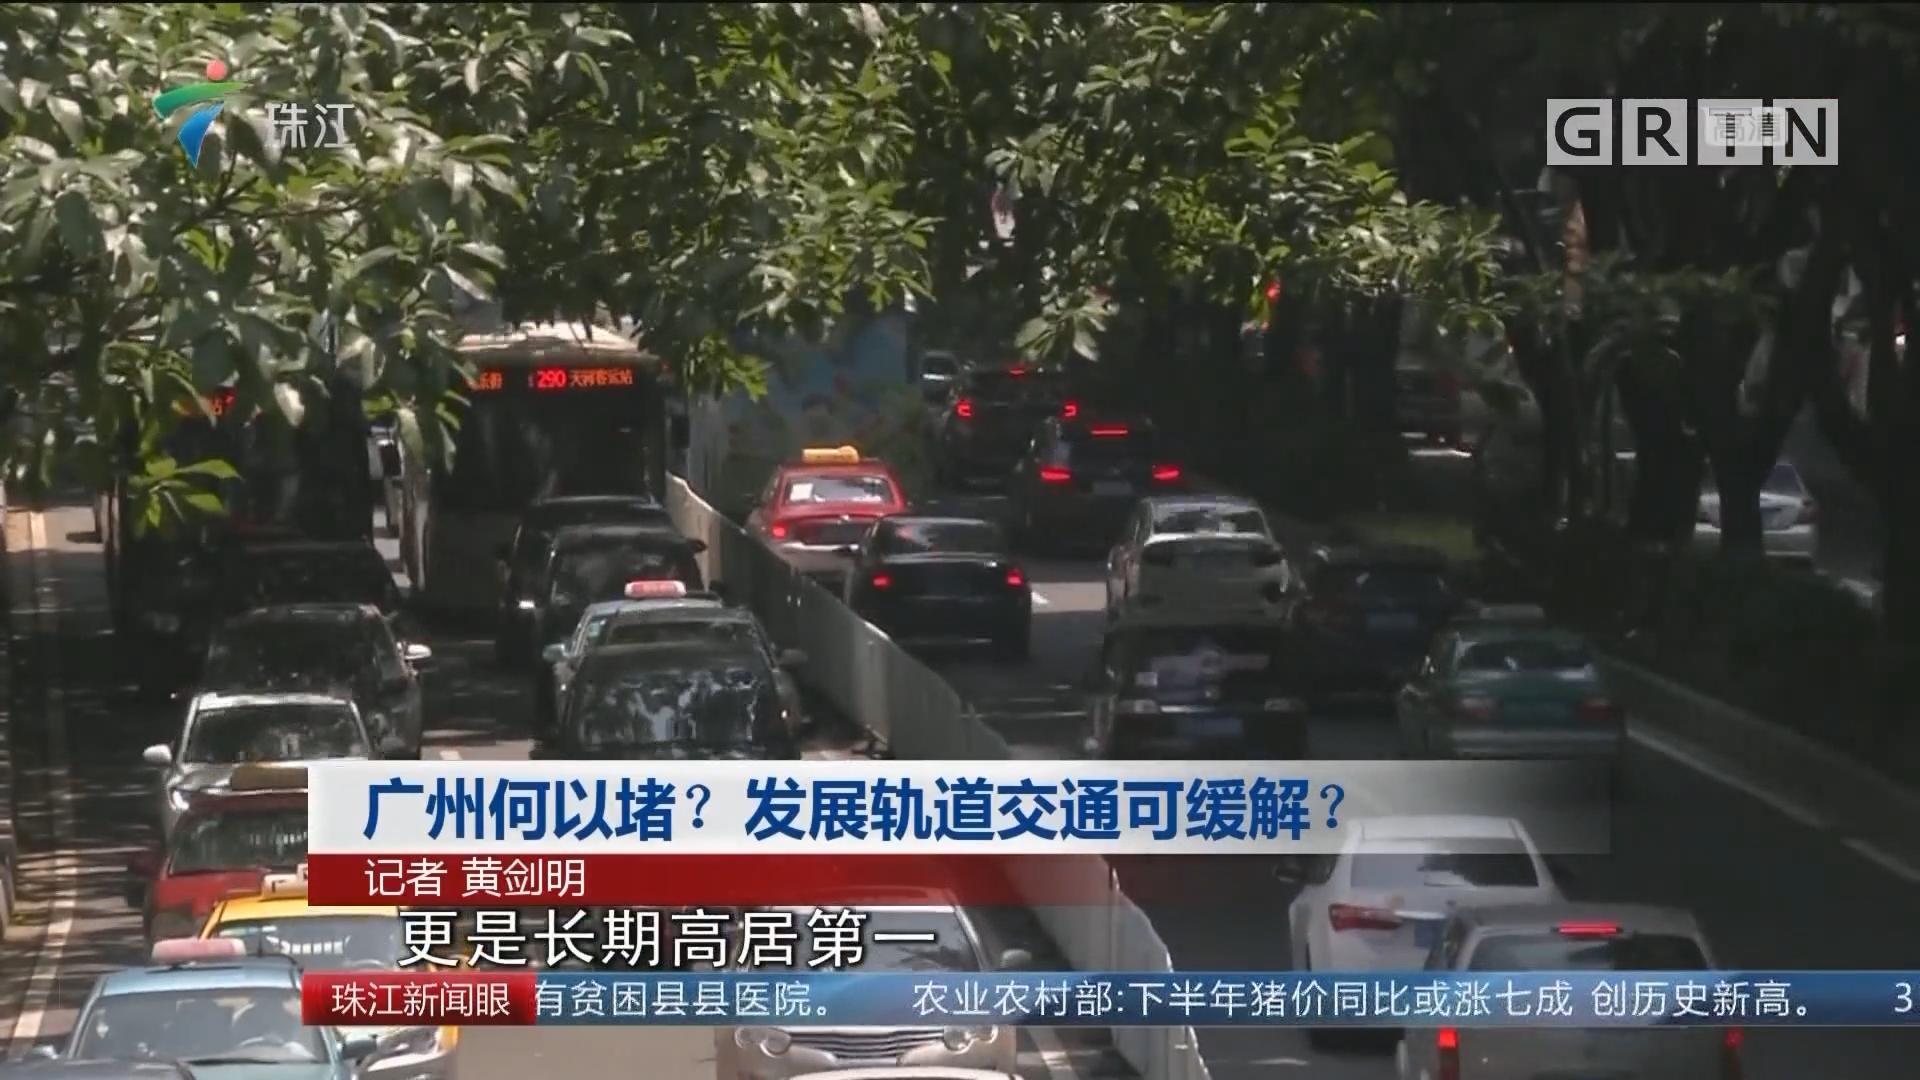 广州何以堵? 发展轨道交通可缓解?